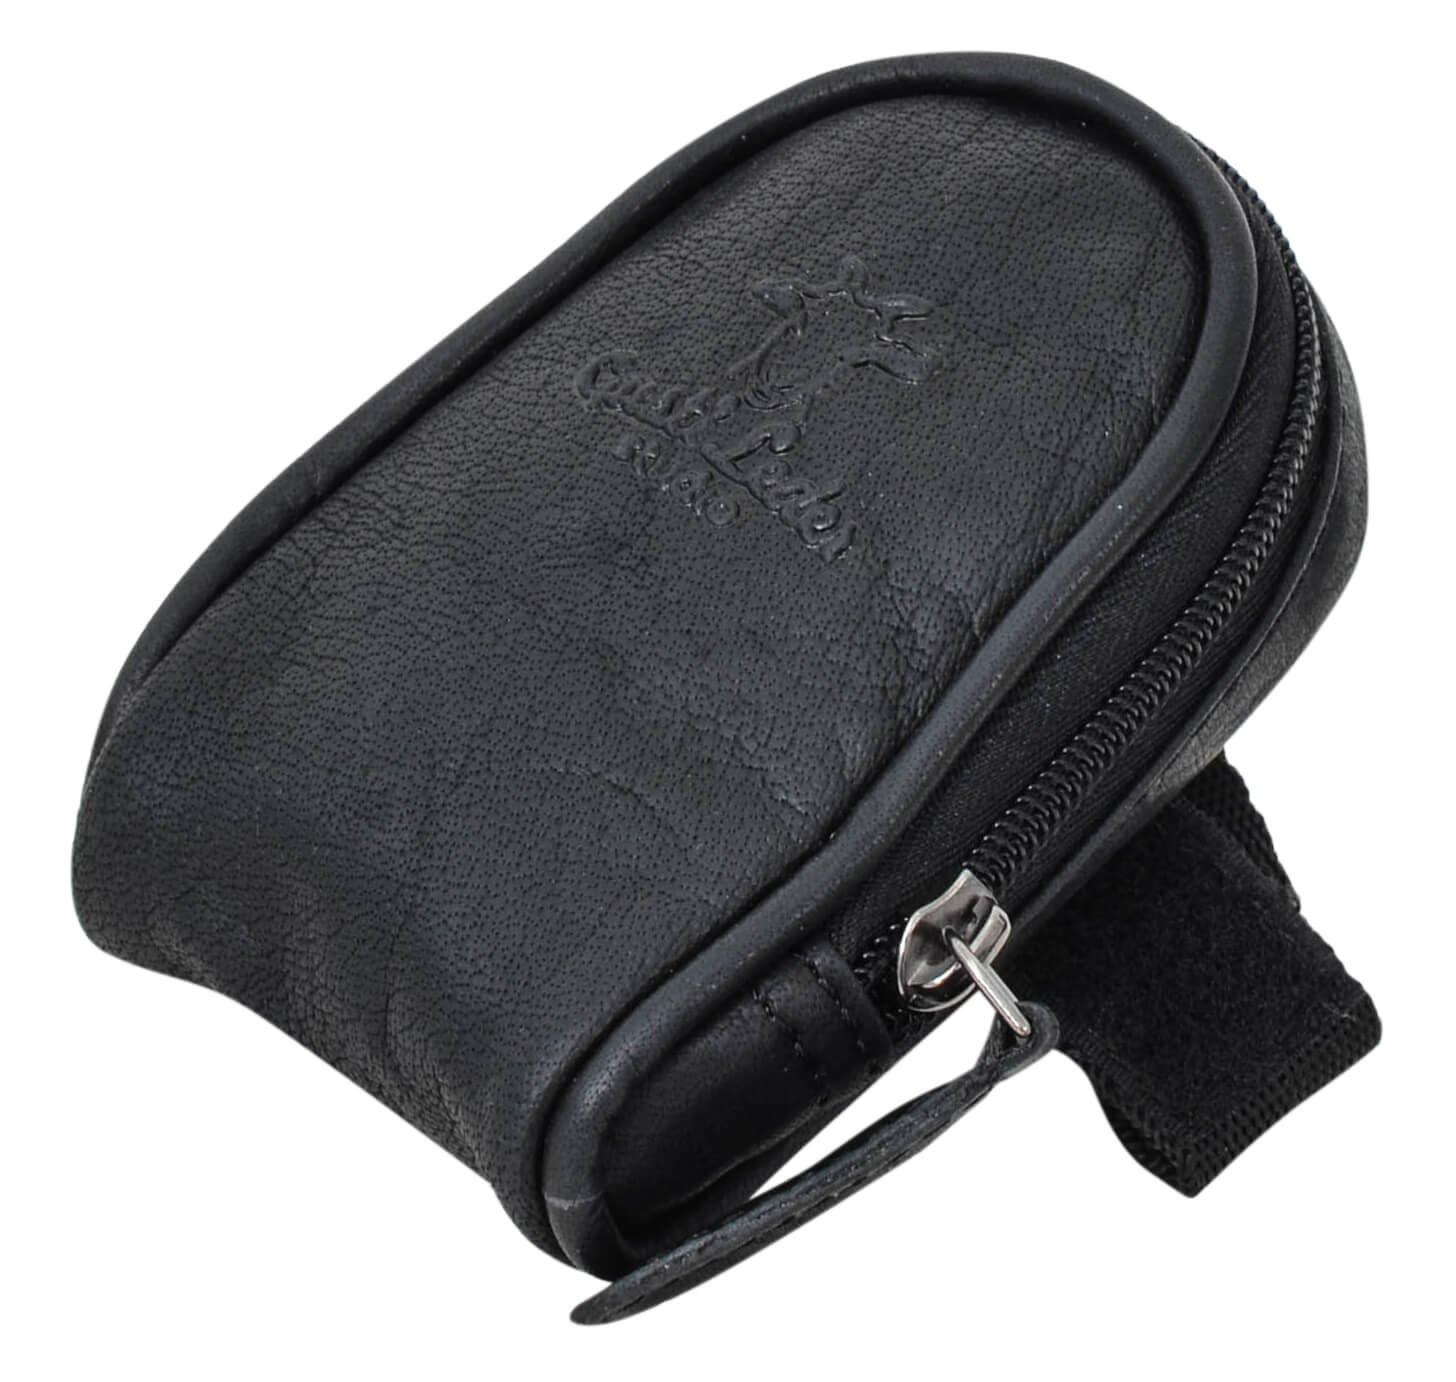 Sacoche de selle - Gusti Cuir studio 'Udo B.' accessoire cyclisme vintage pochette pour vé lo en cuir accessoire ré tro homme femme cuir de buffle noir 2G13-20-6wp Gusti Leder